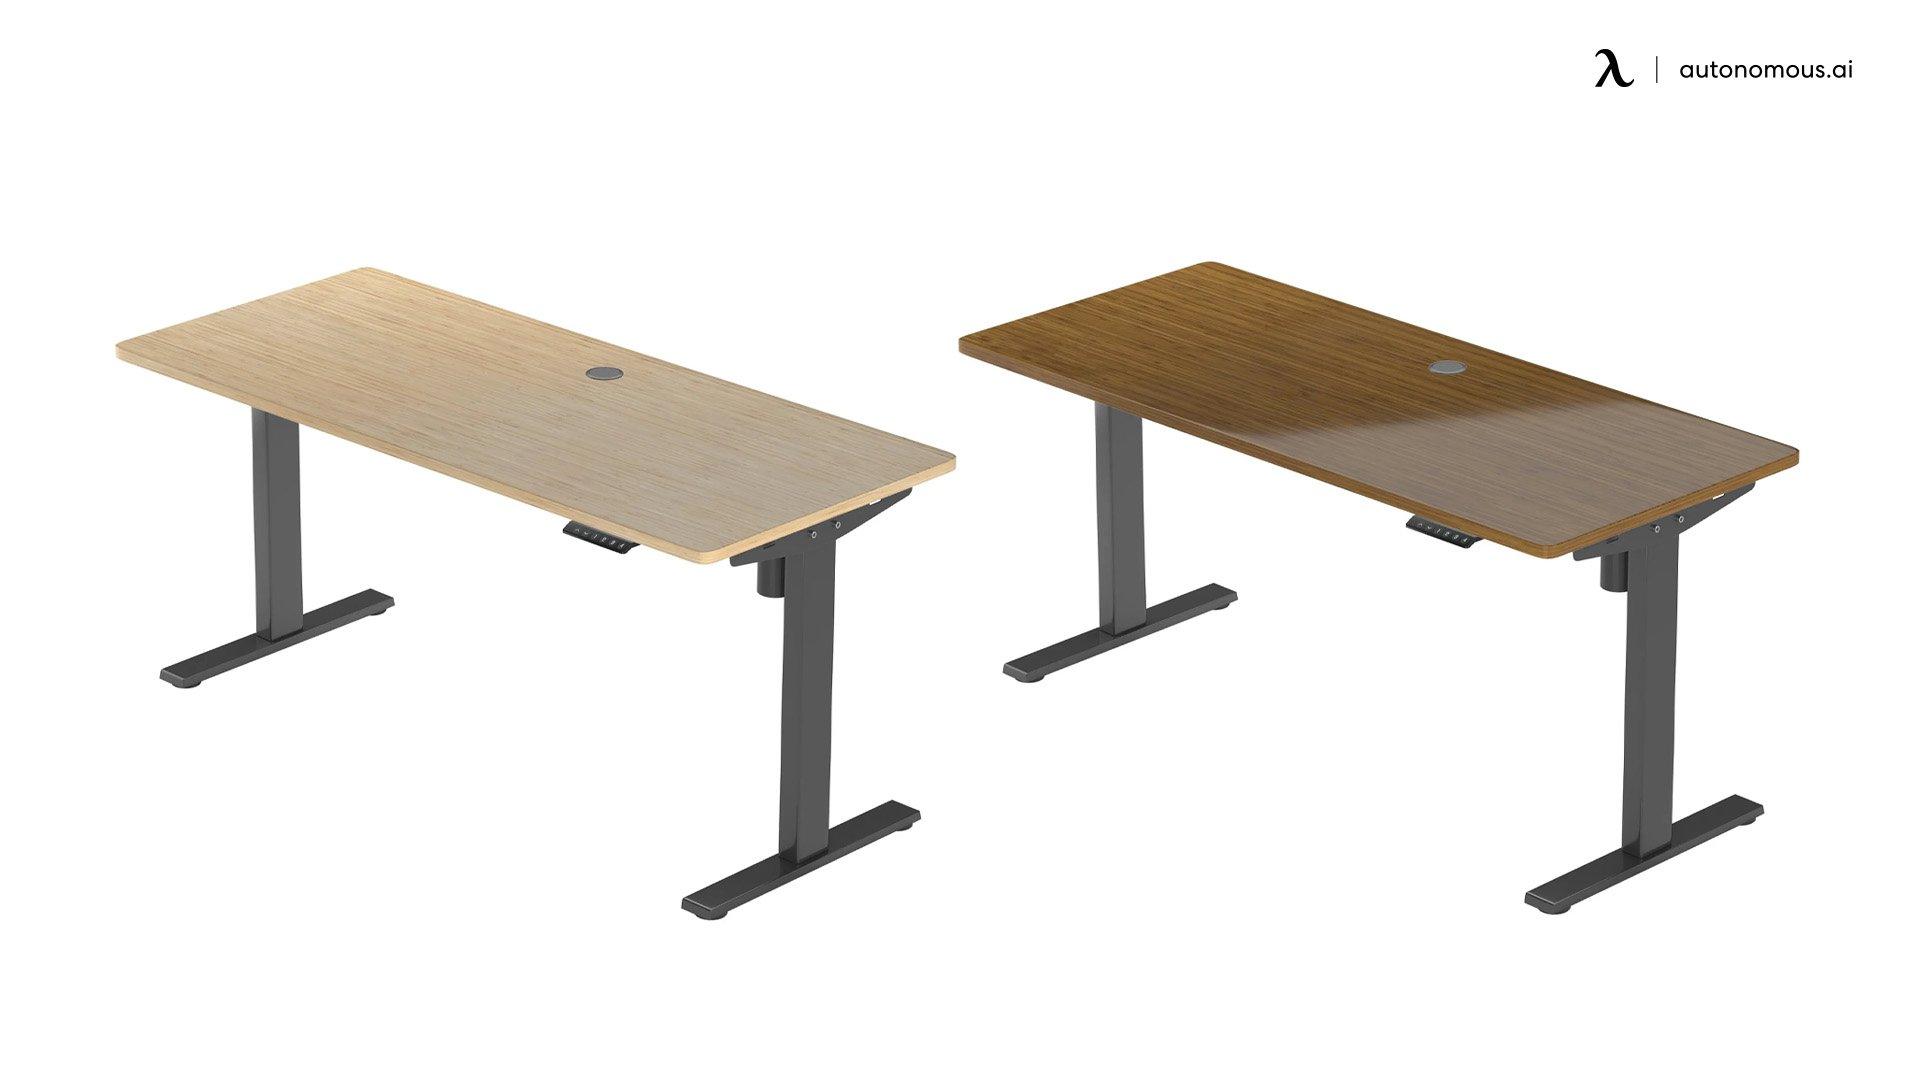 Progressive Desk's Height Adjustable Standing Desk